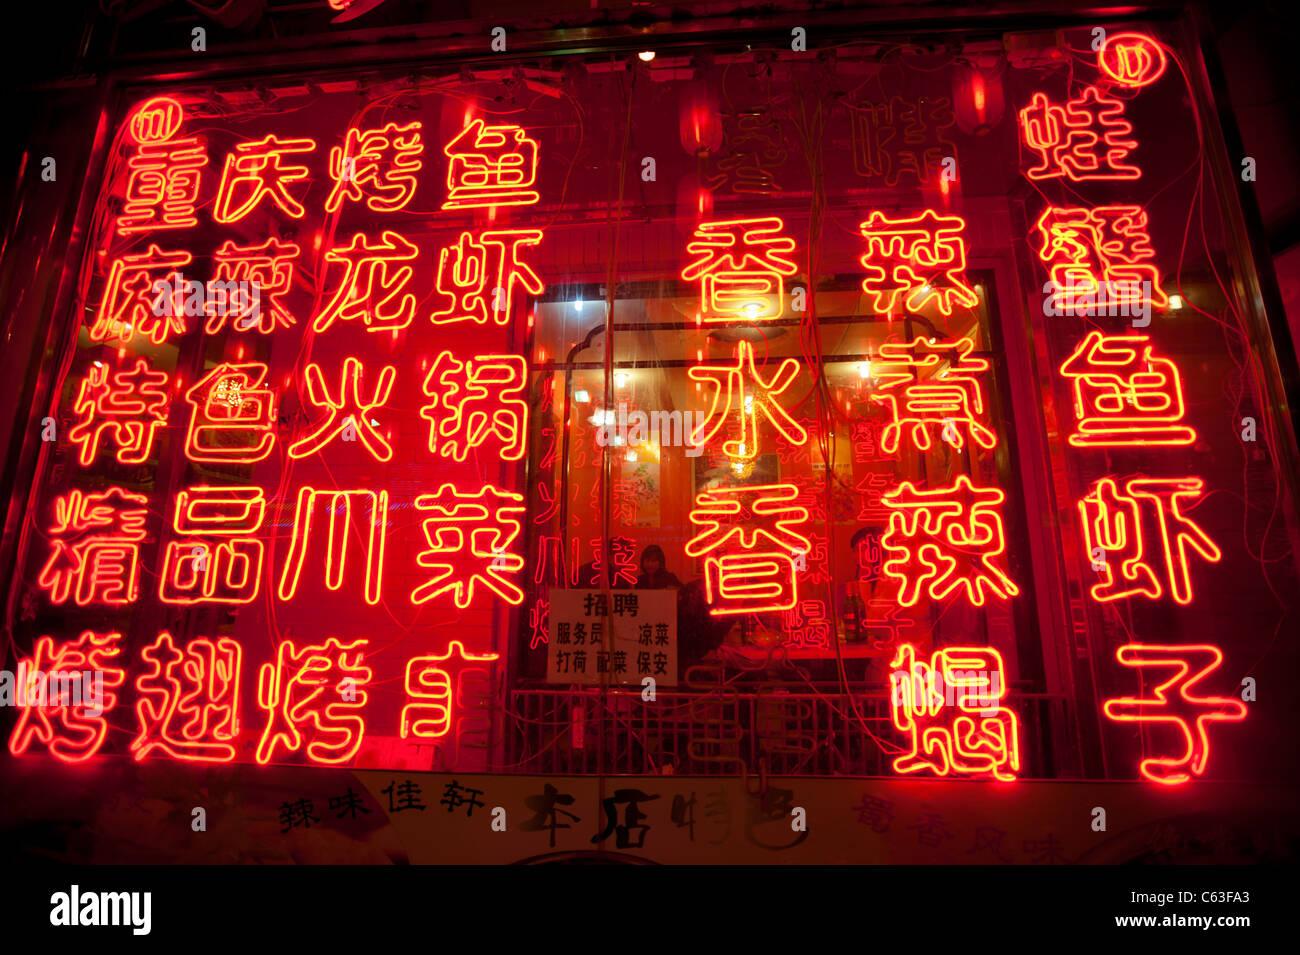 De nombreux néons rouge la nuit illuminant menu au restaurant chinois à Pékin, Chine Photo Stock